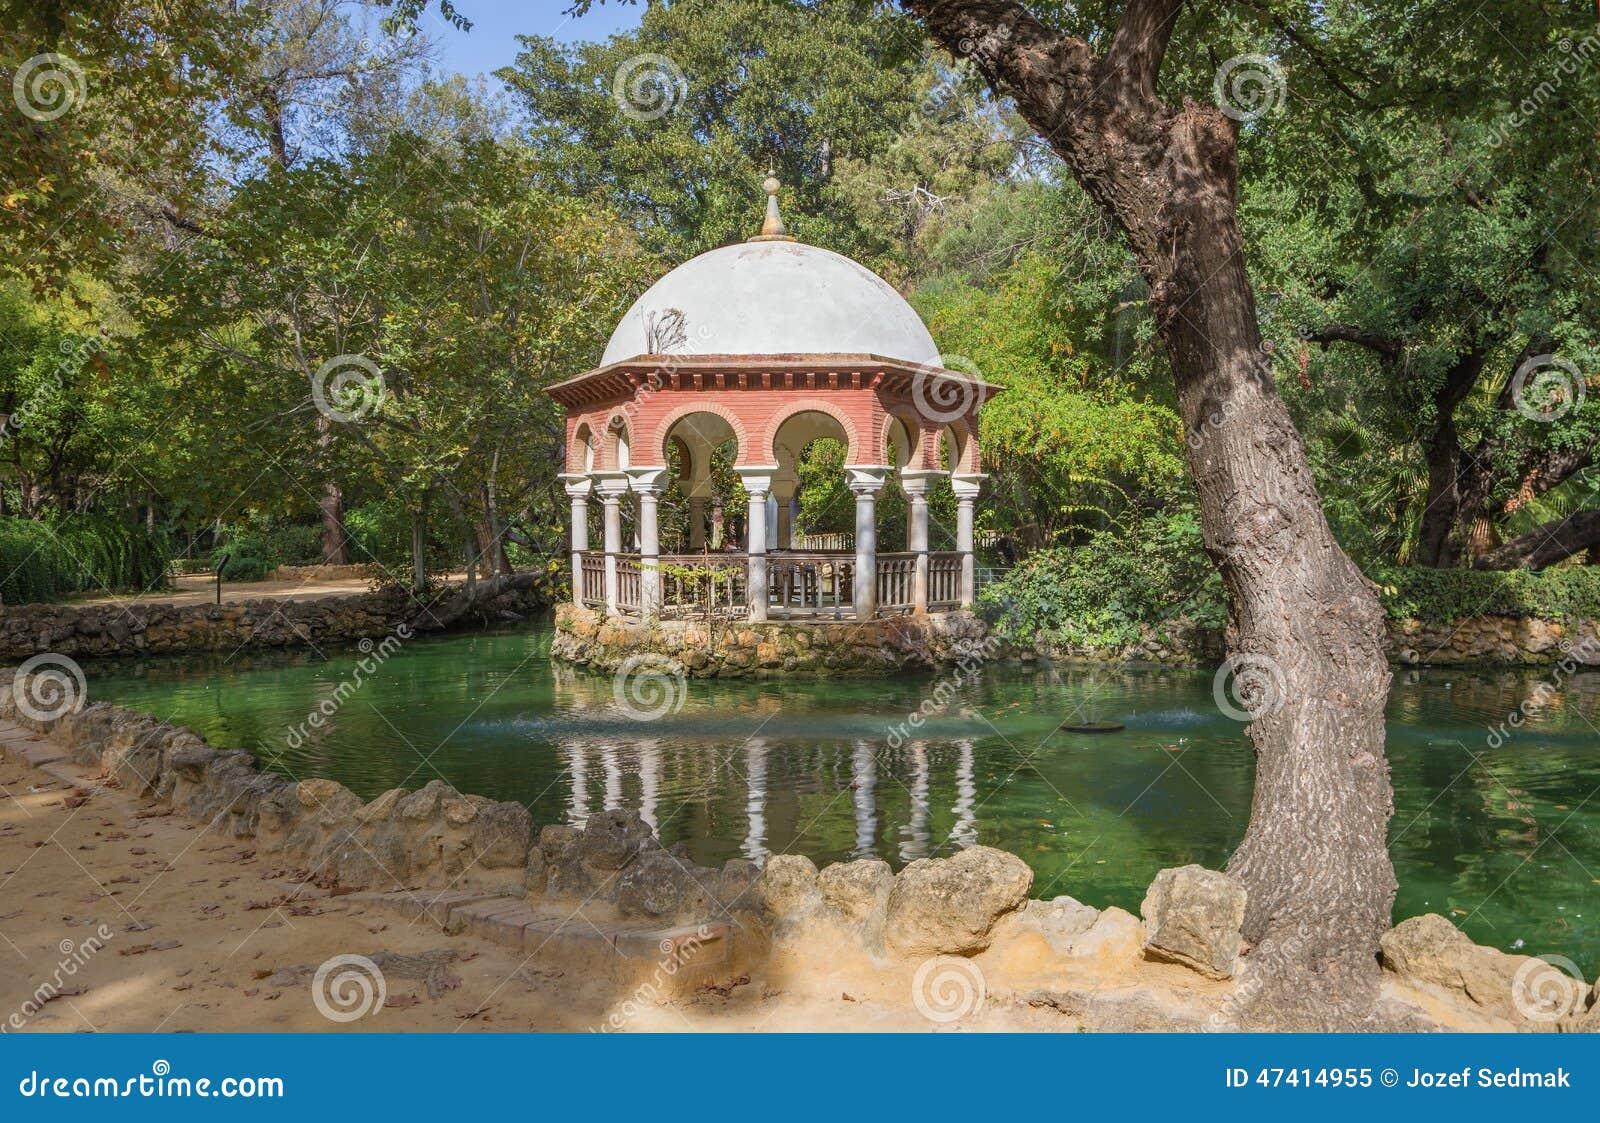 塞维利亚-避暑公园玛丽亚路易莎别墅.外墙别墅石材cad图片